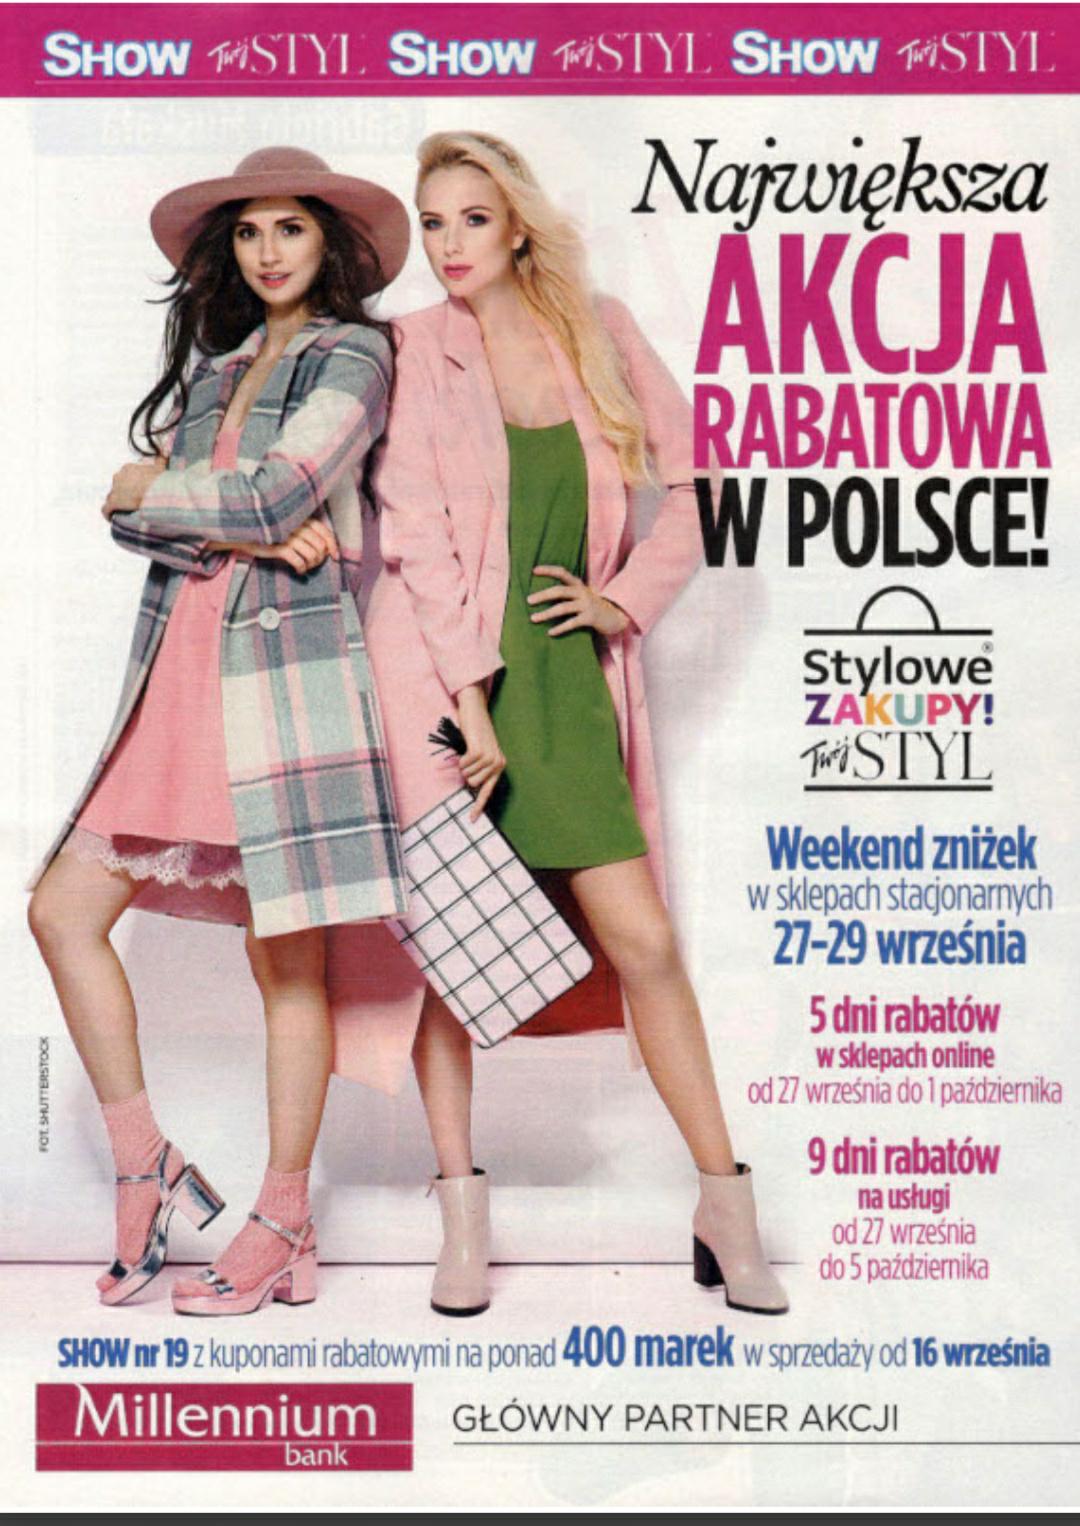 weekend zniżek z magazynami: twoj styl i show STYLOWE ZAKUPY w calej polsce-27-29-wrzesnia-2019